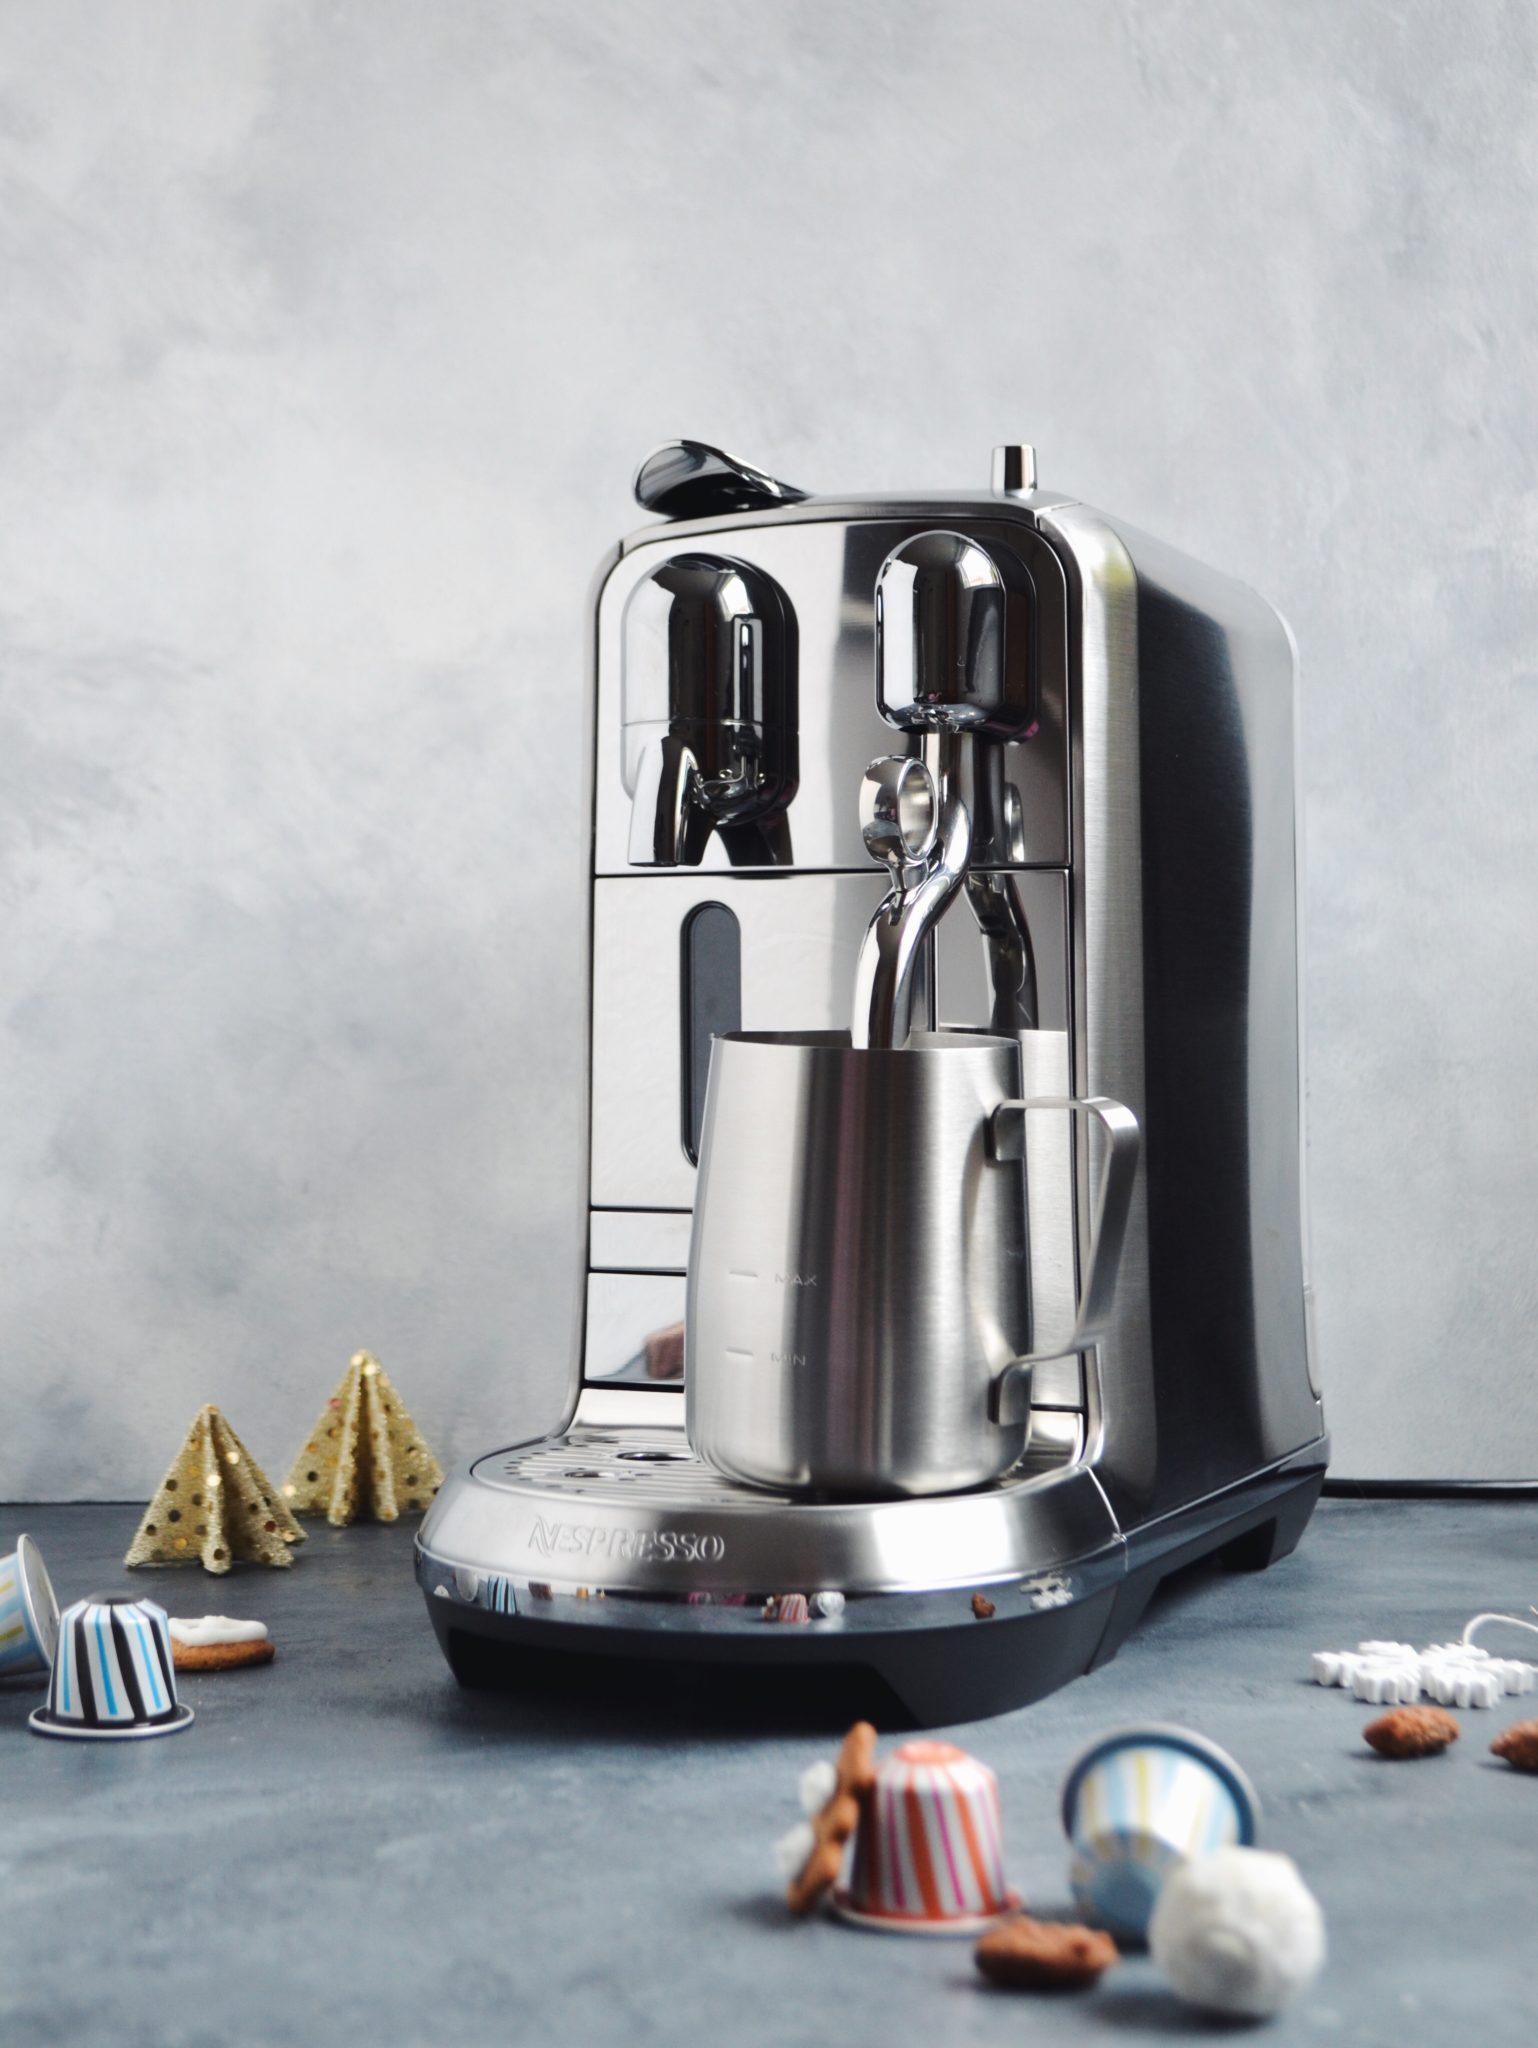 Kaffe lavet på kærlighed og kapsler // Give away - vind en valgfri Nespresso kaffemaskine! 2